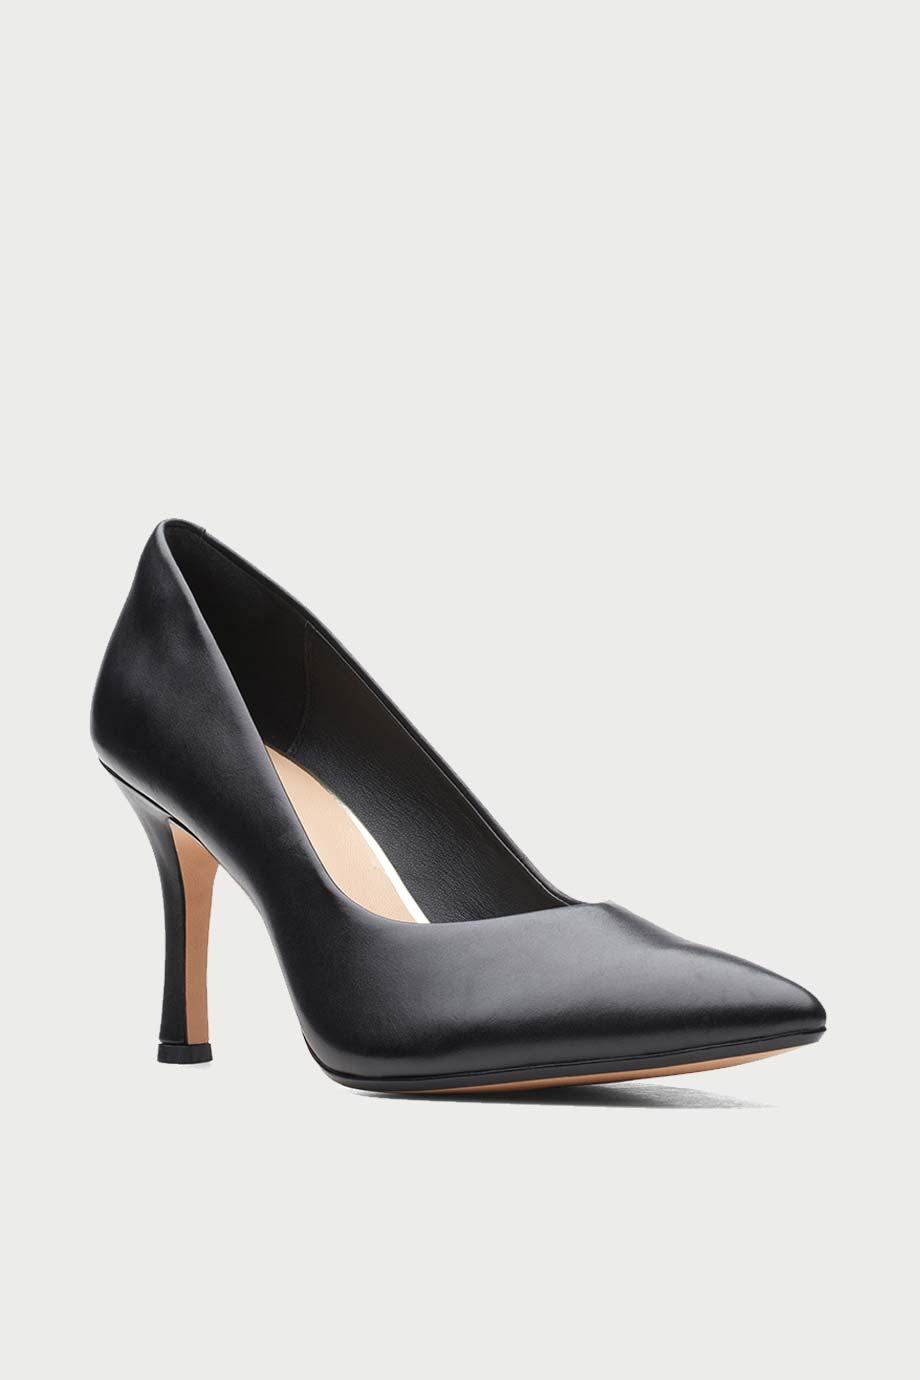 spiridoula metheniti shoes xalkida p violet 85 court black leather clarks 2